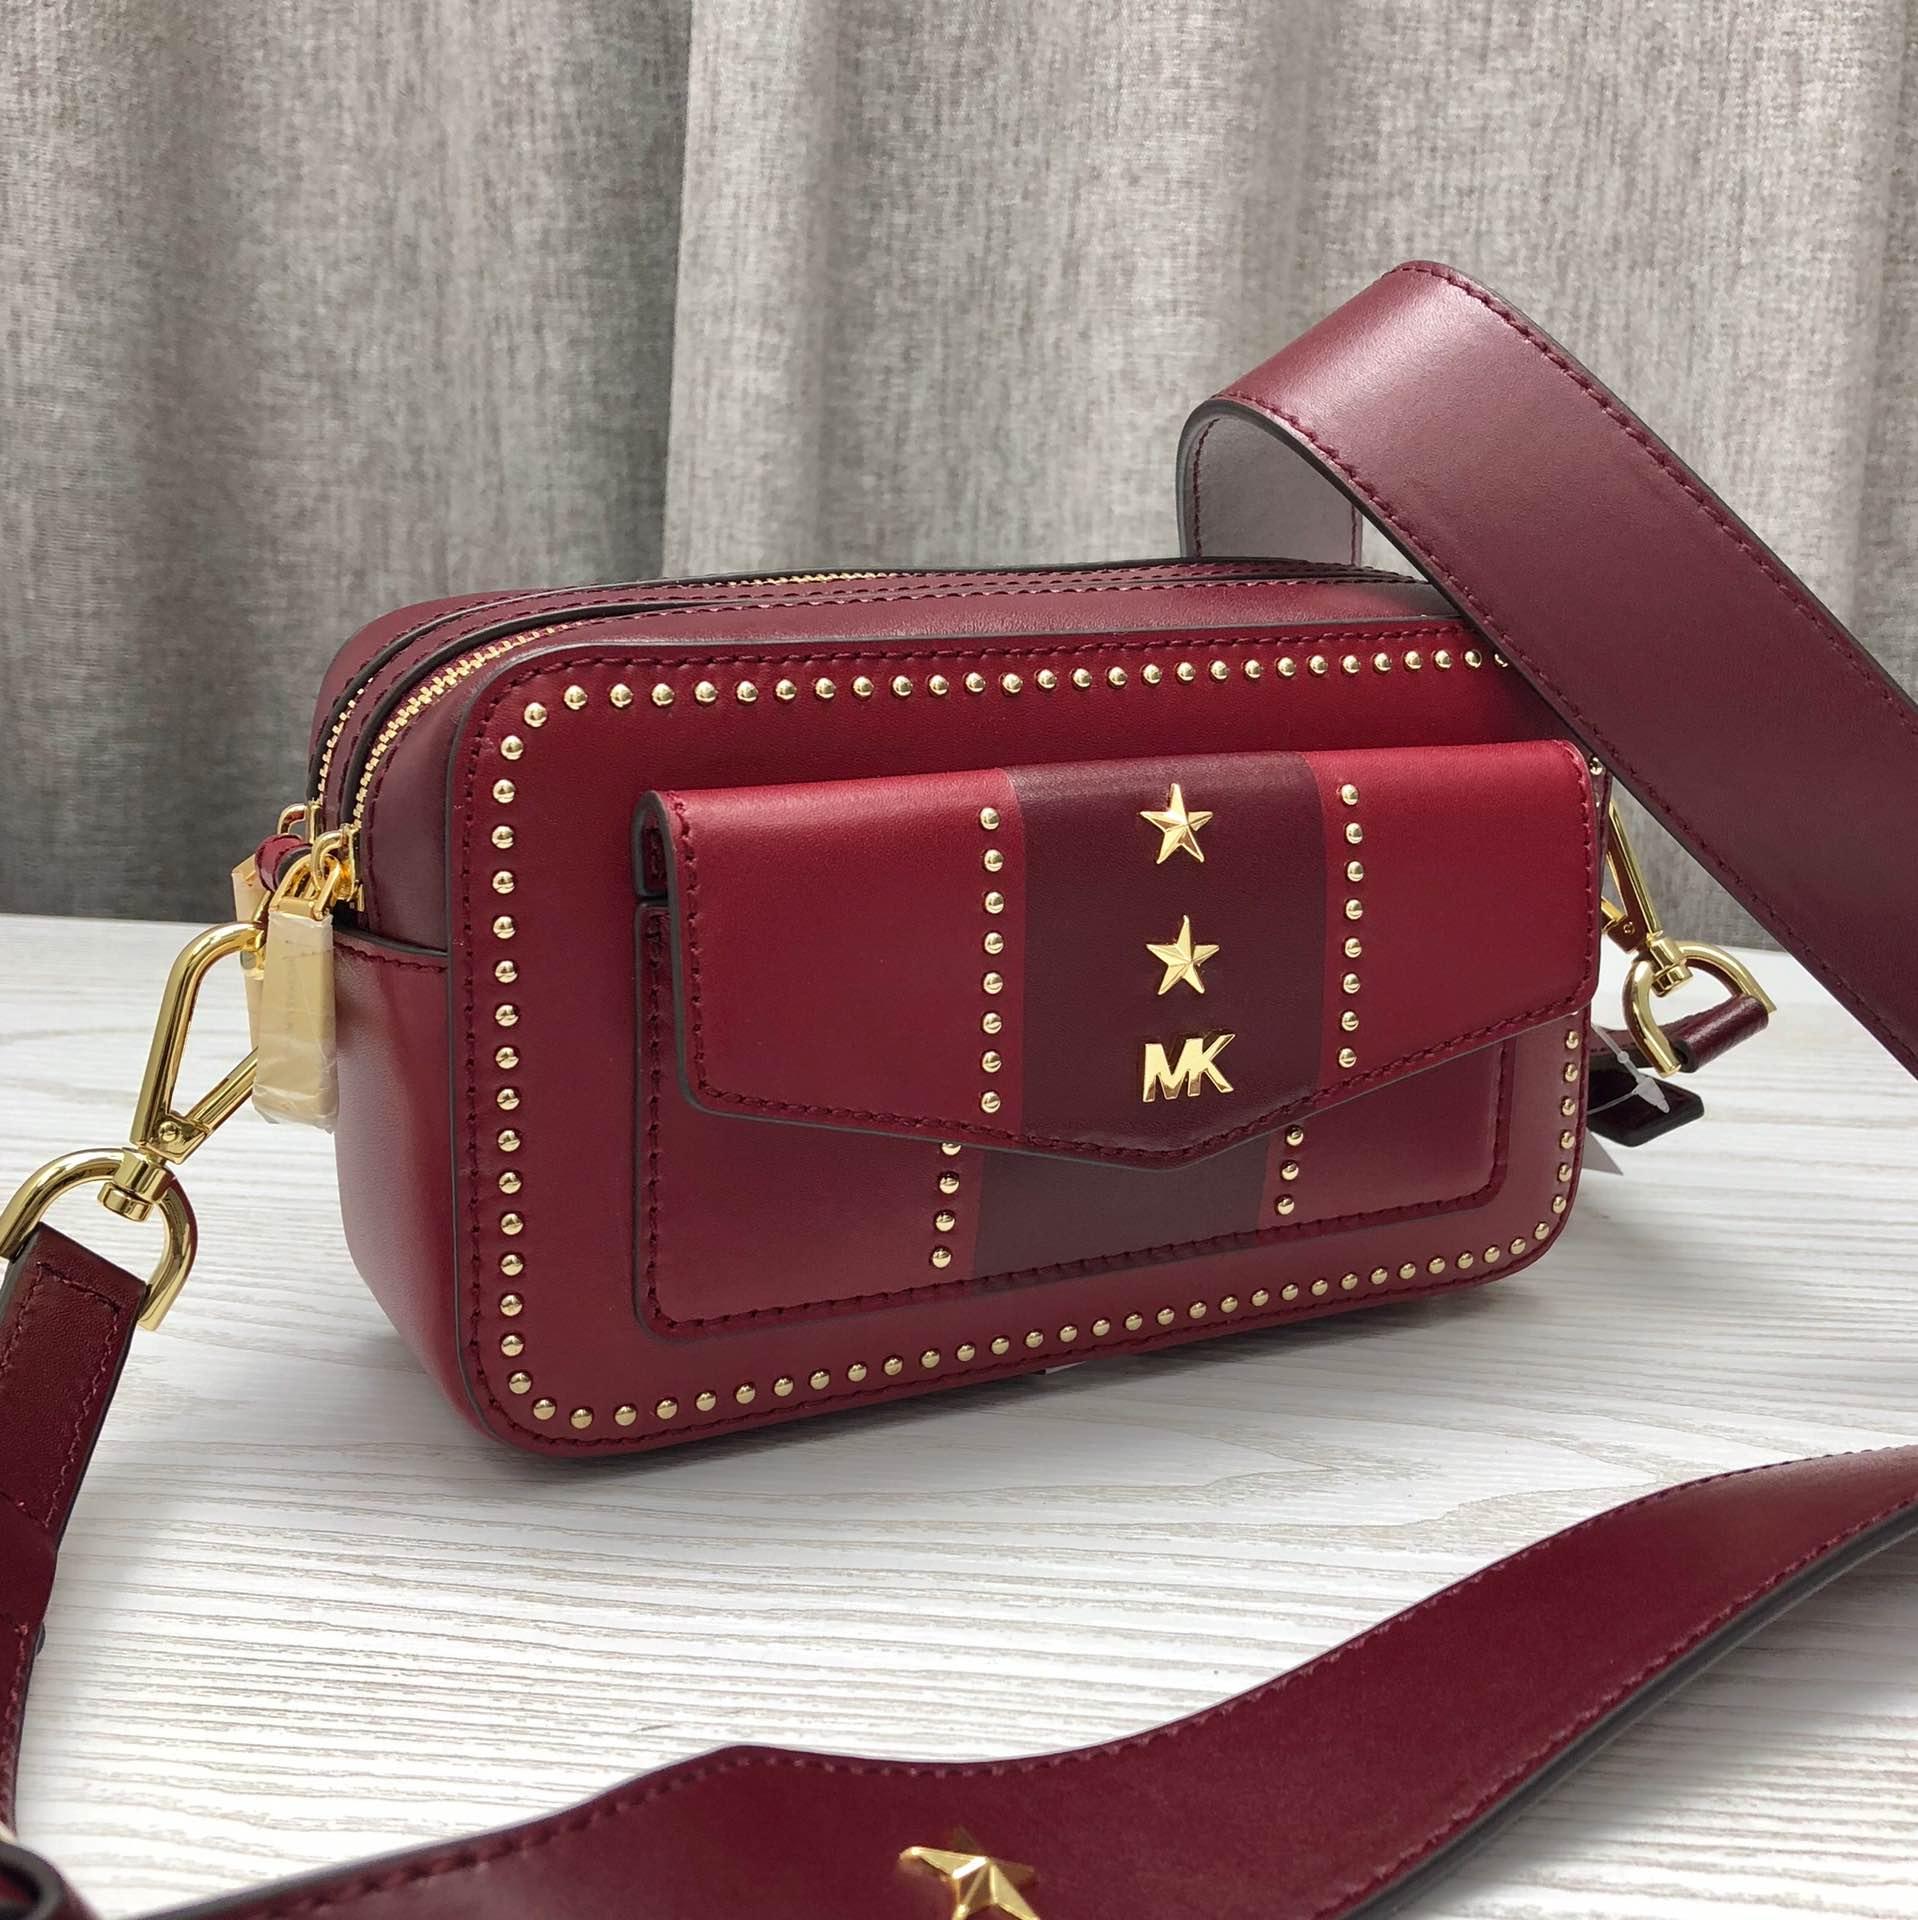 MK2019新款女包 迈克科尔斯拼色牛皮星星装饰相机包单肩斜挎包包19CM 红色